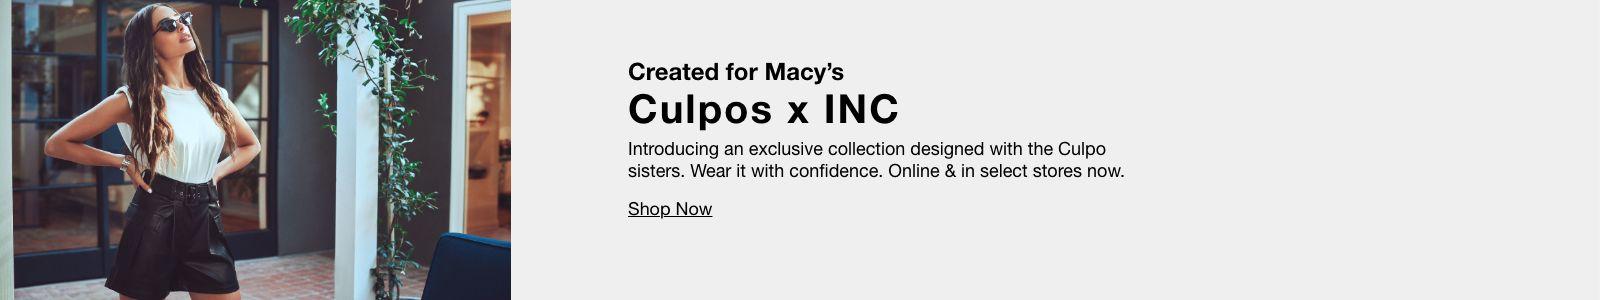 Created for Macy's Culpos x INC, Shop Now